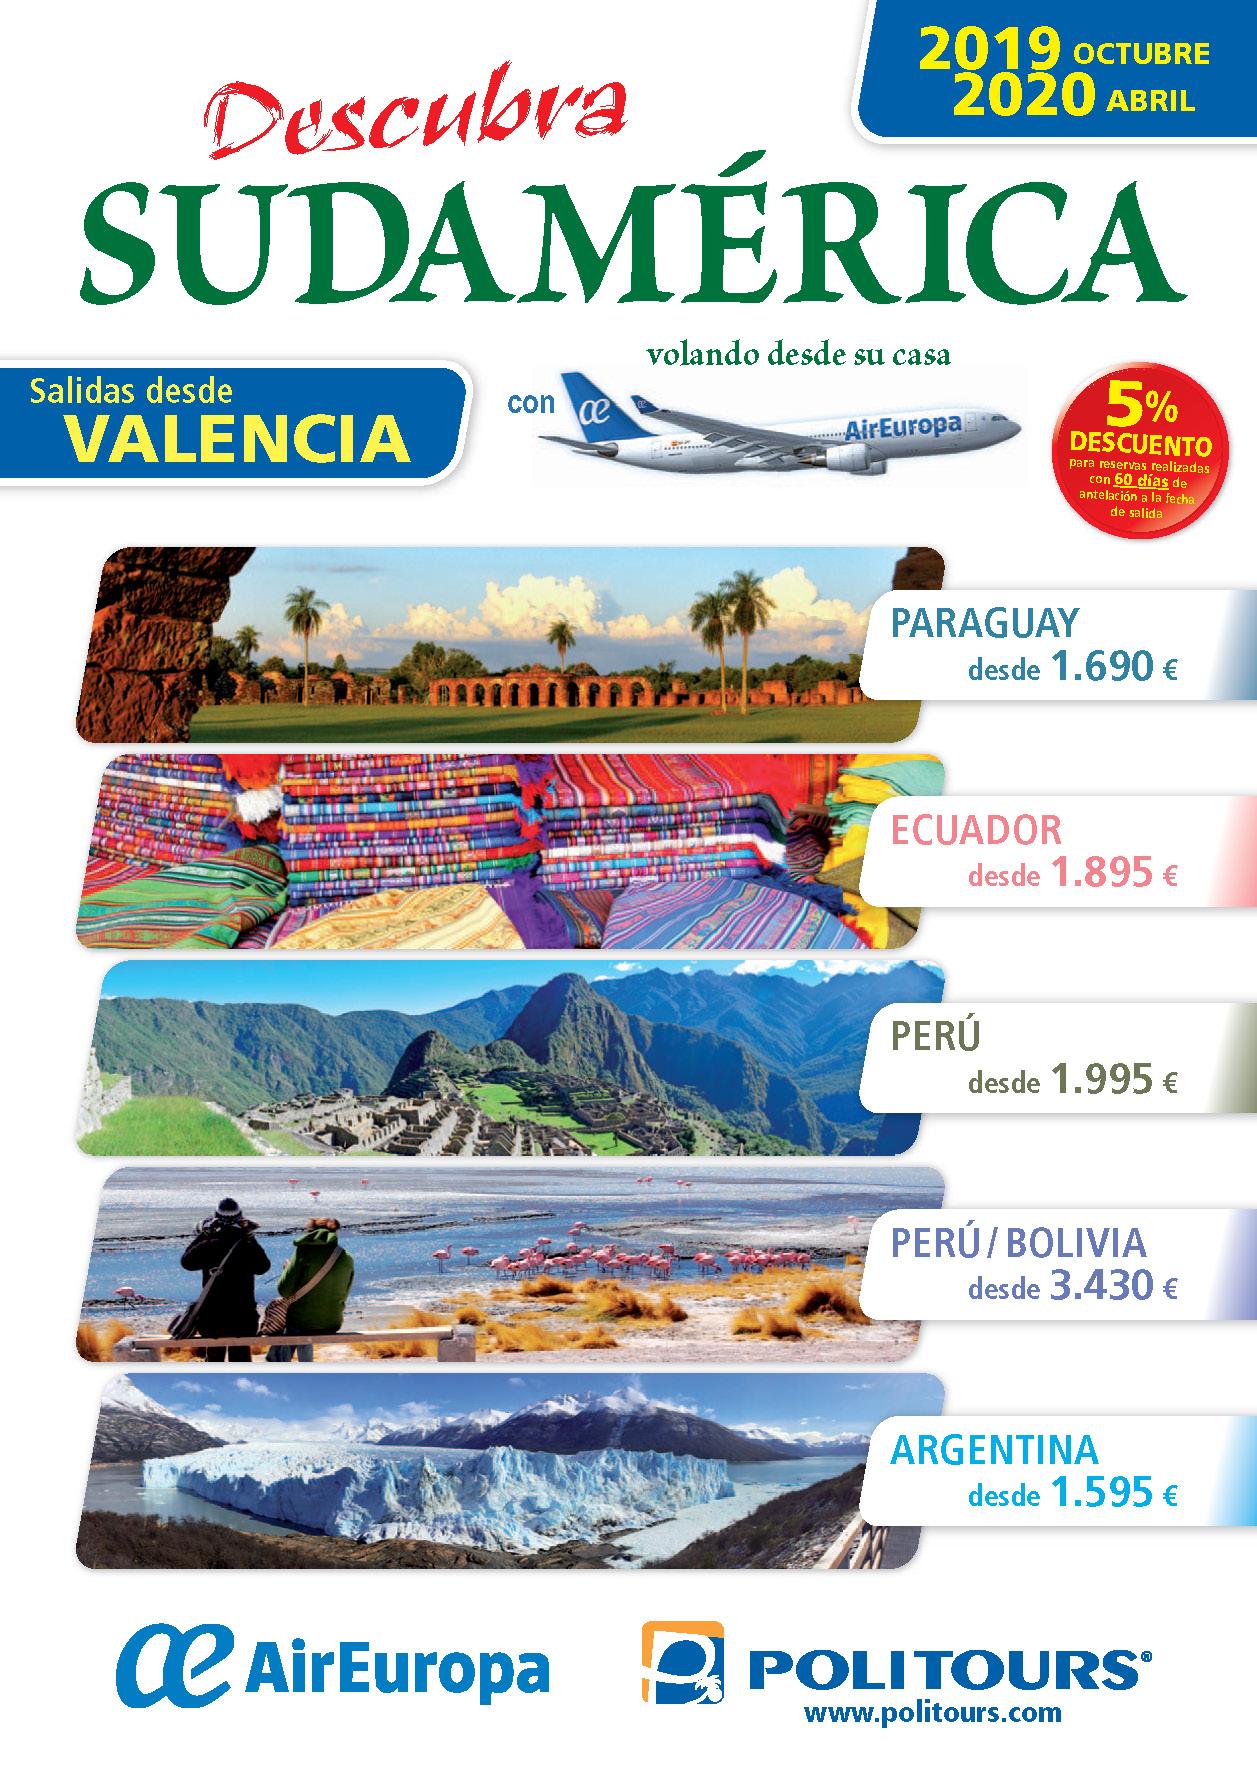 Catalogo Politours Sudamerica desde Valencia 2019-2020